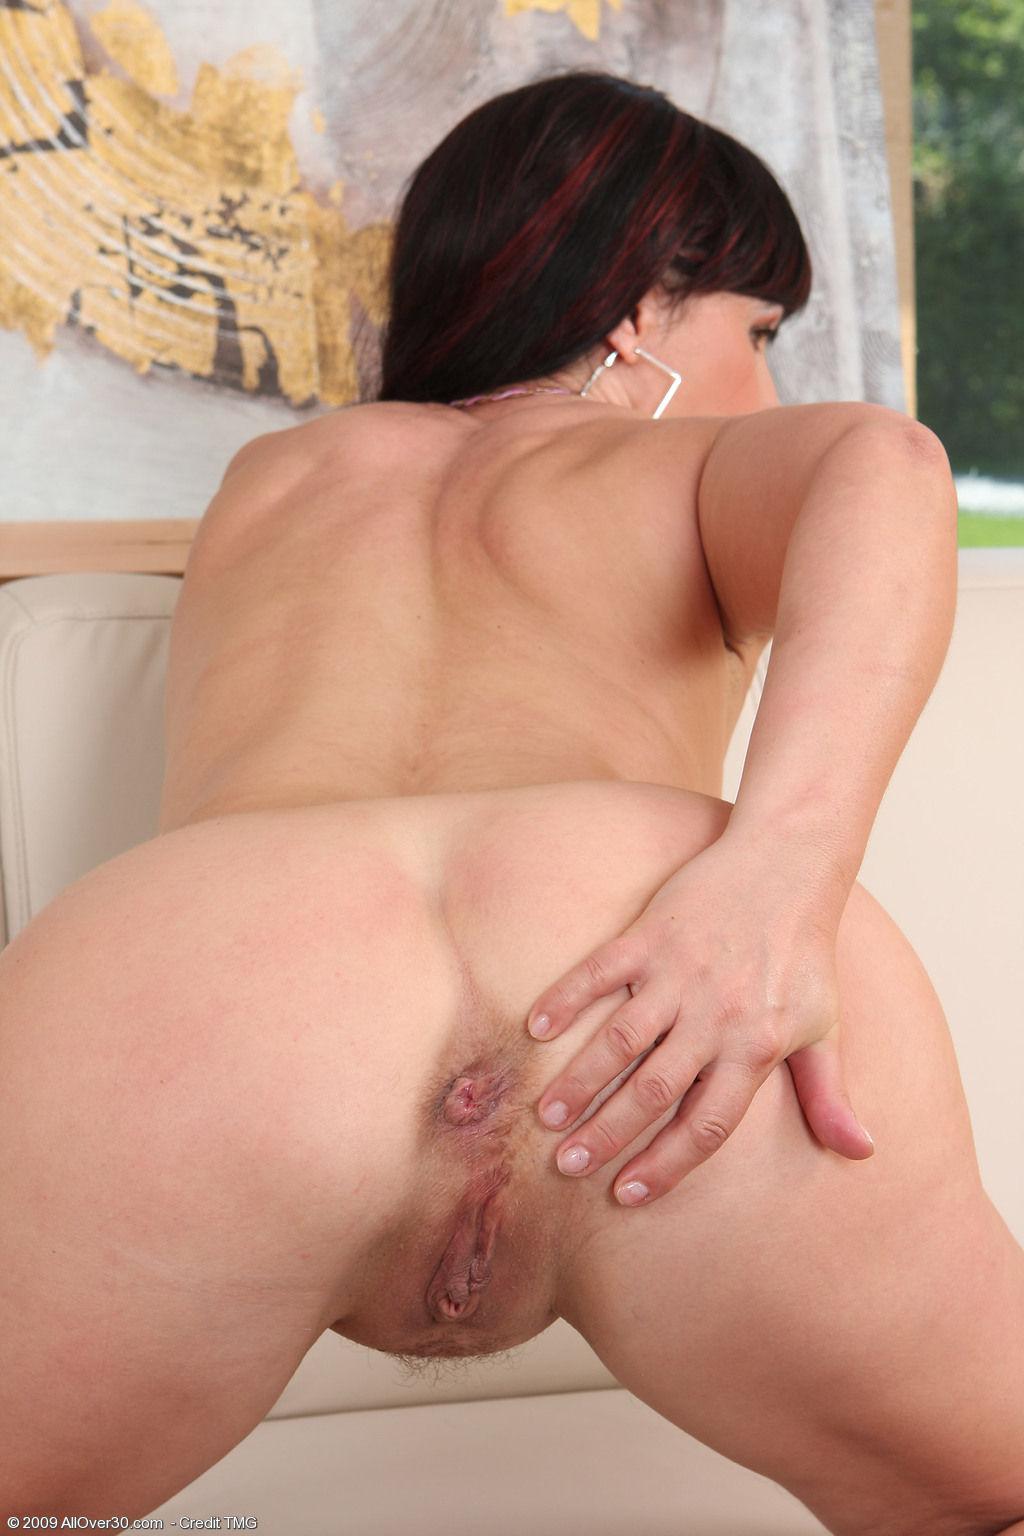 Роздеваетса и показует свои дырочьки фото 2 фотография